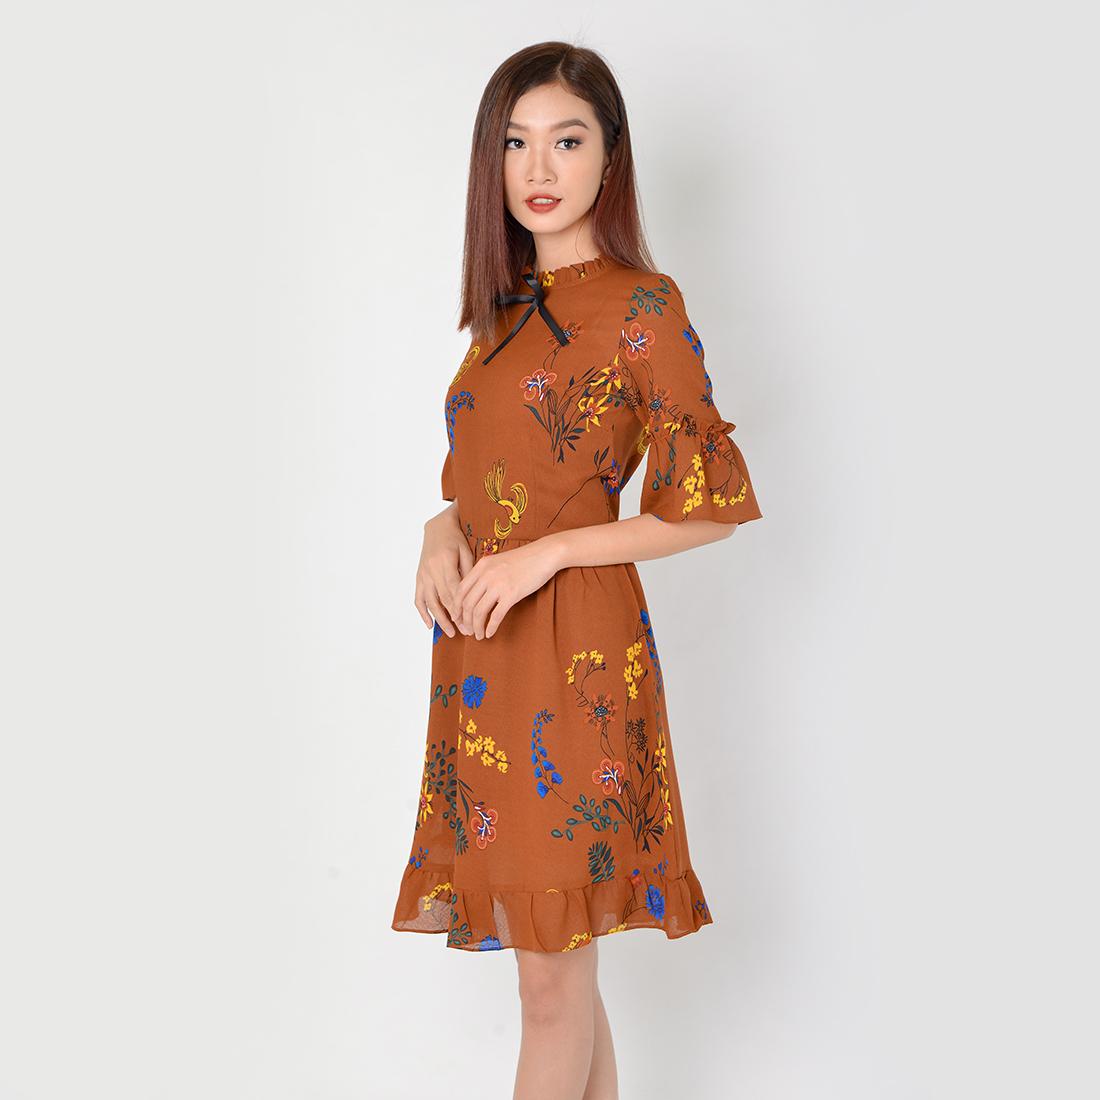 Đầm Công Sở Thời Trang Eden Tay Lỡ - D325 - Màu nâu